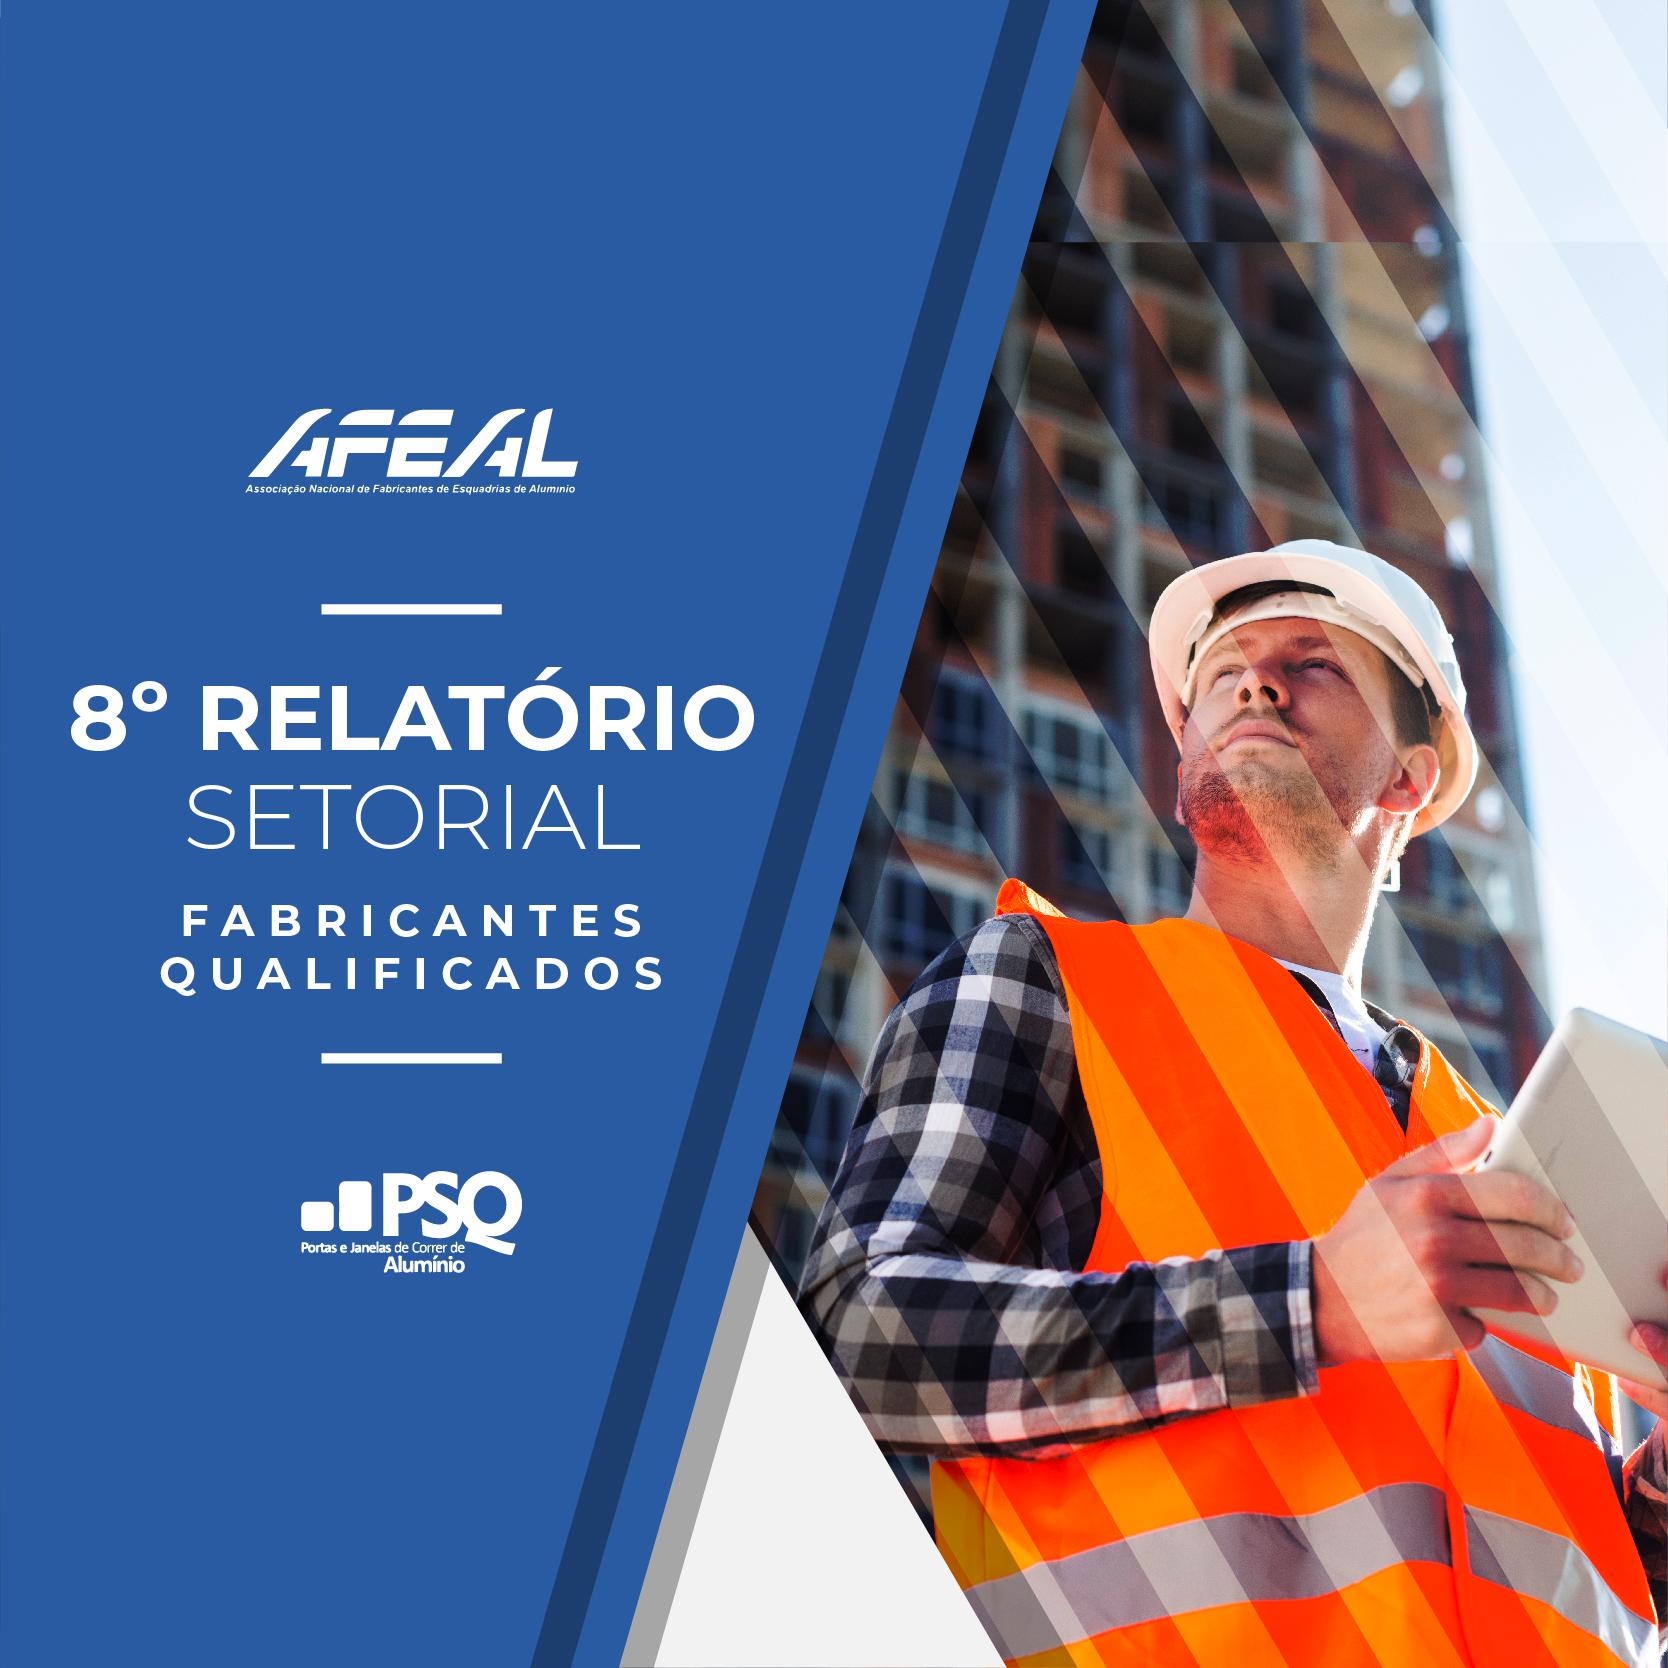 Novos dados sobre os fabricantes qualificados pelo PSQ